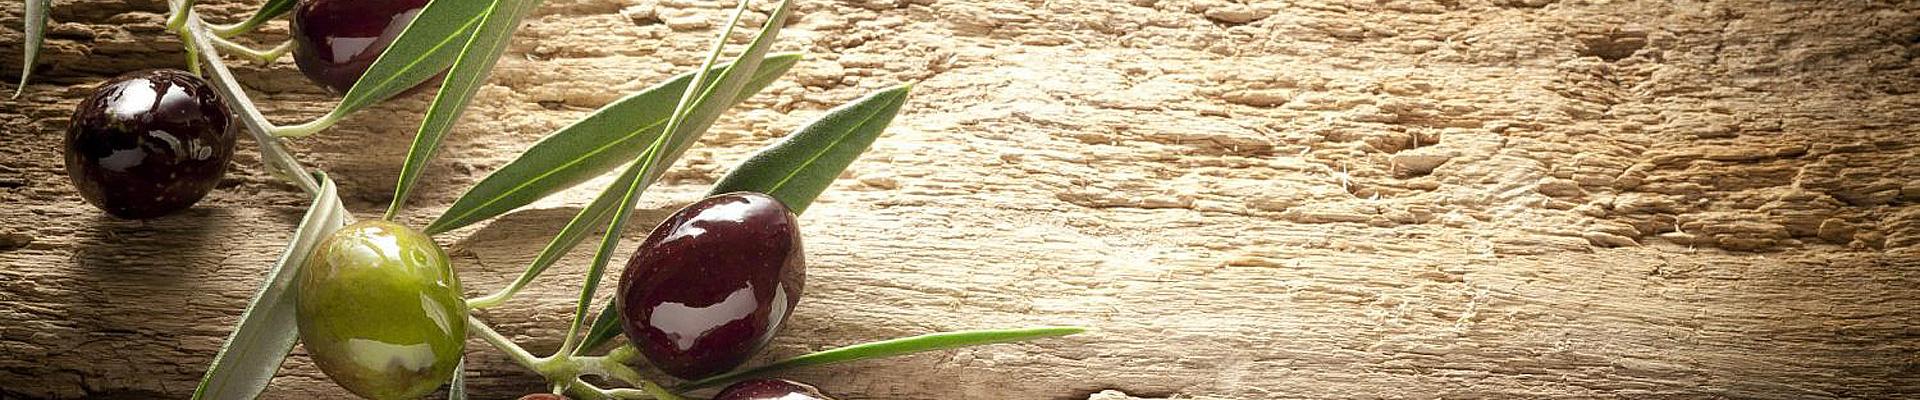 almasol-olivenöl-slider-8